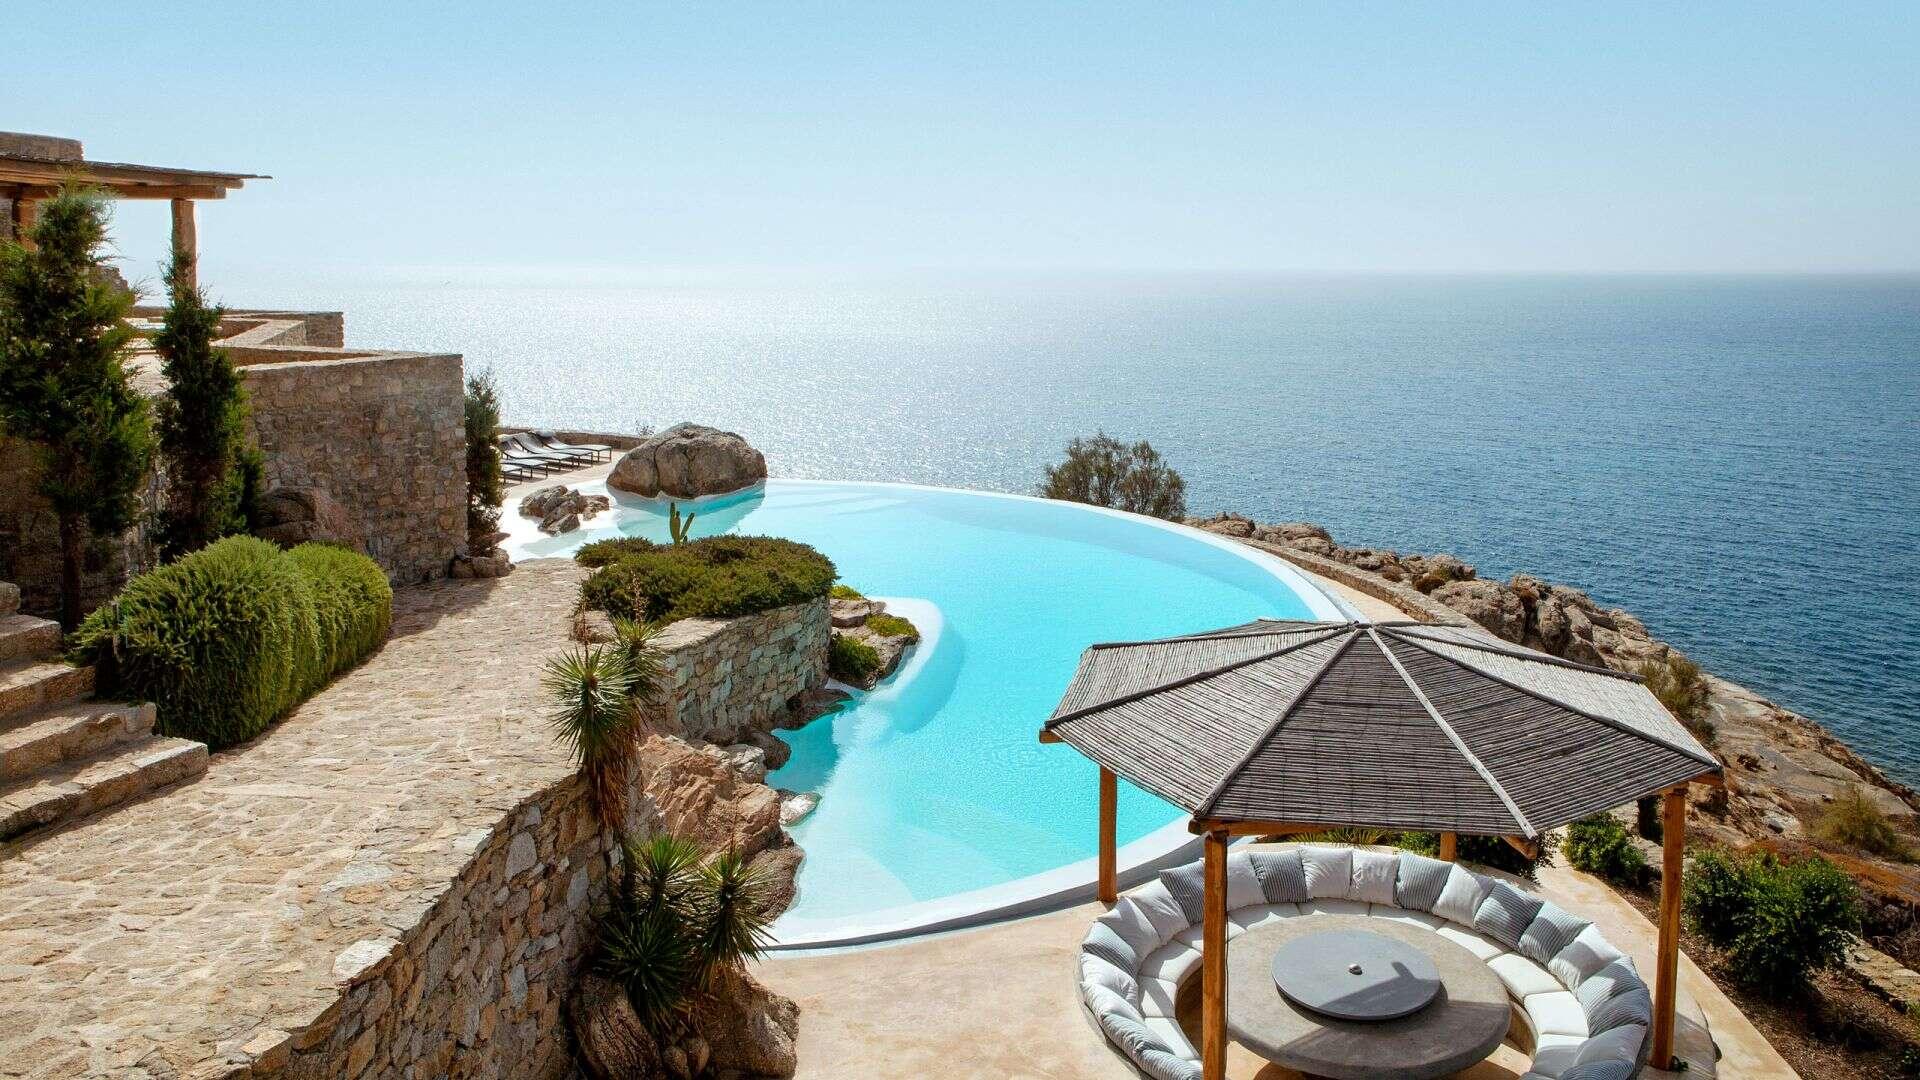 - Aegean Oasis - Image 1/24